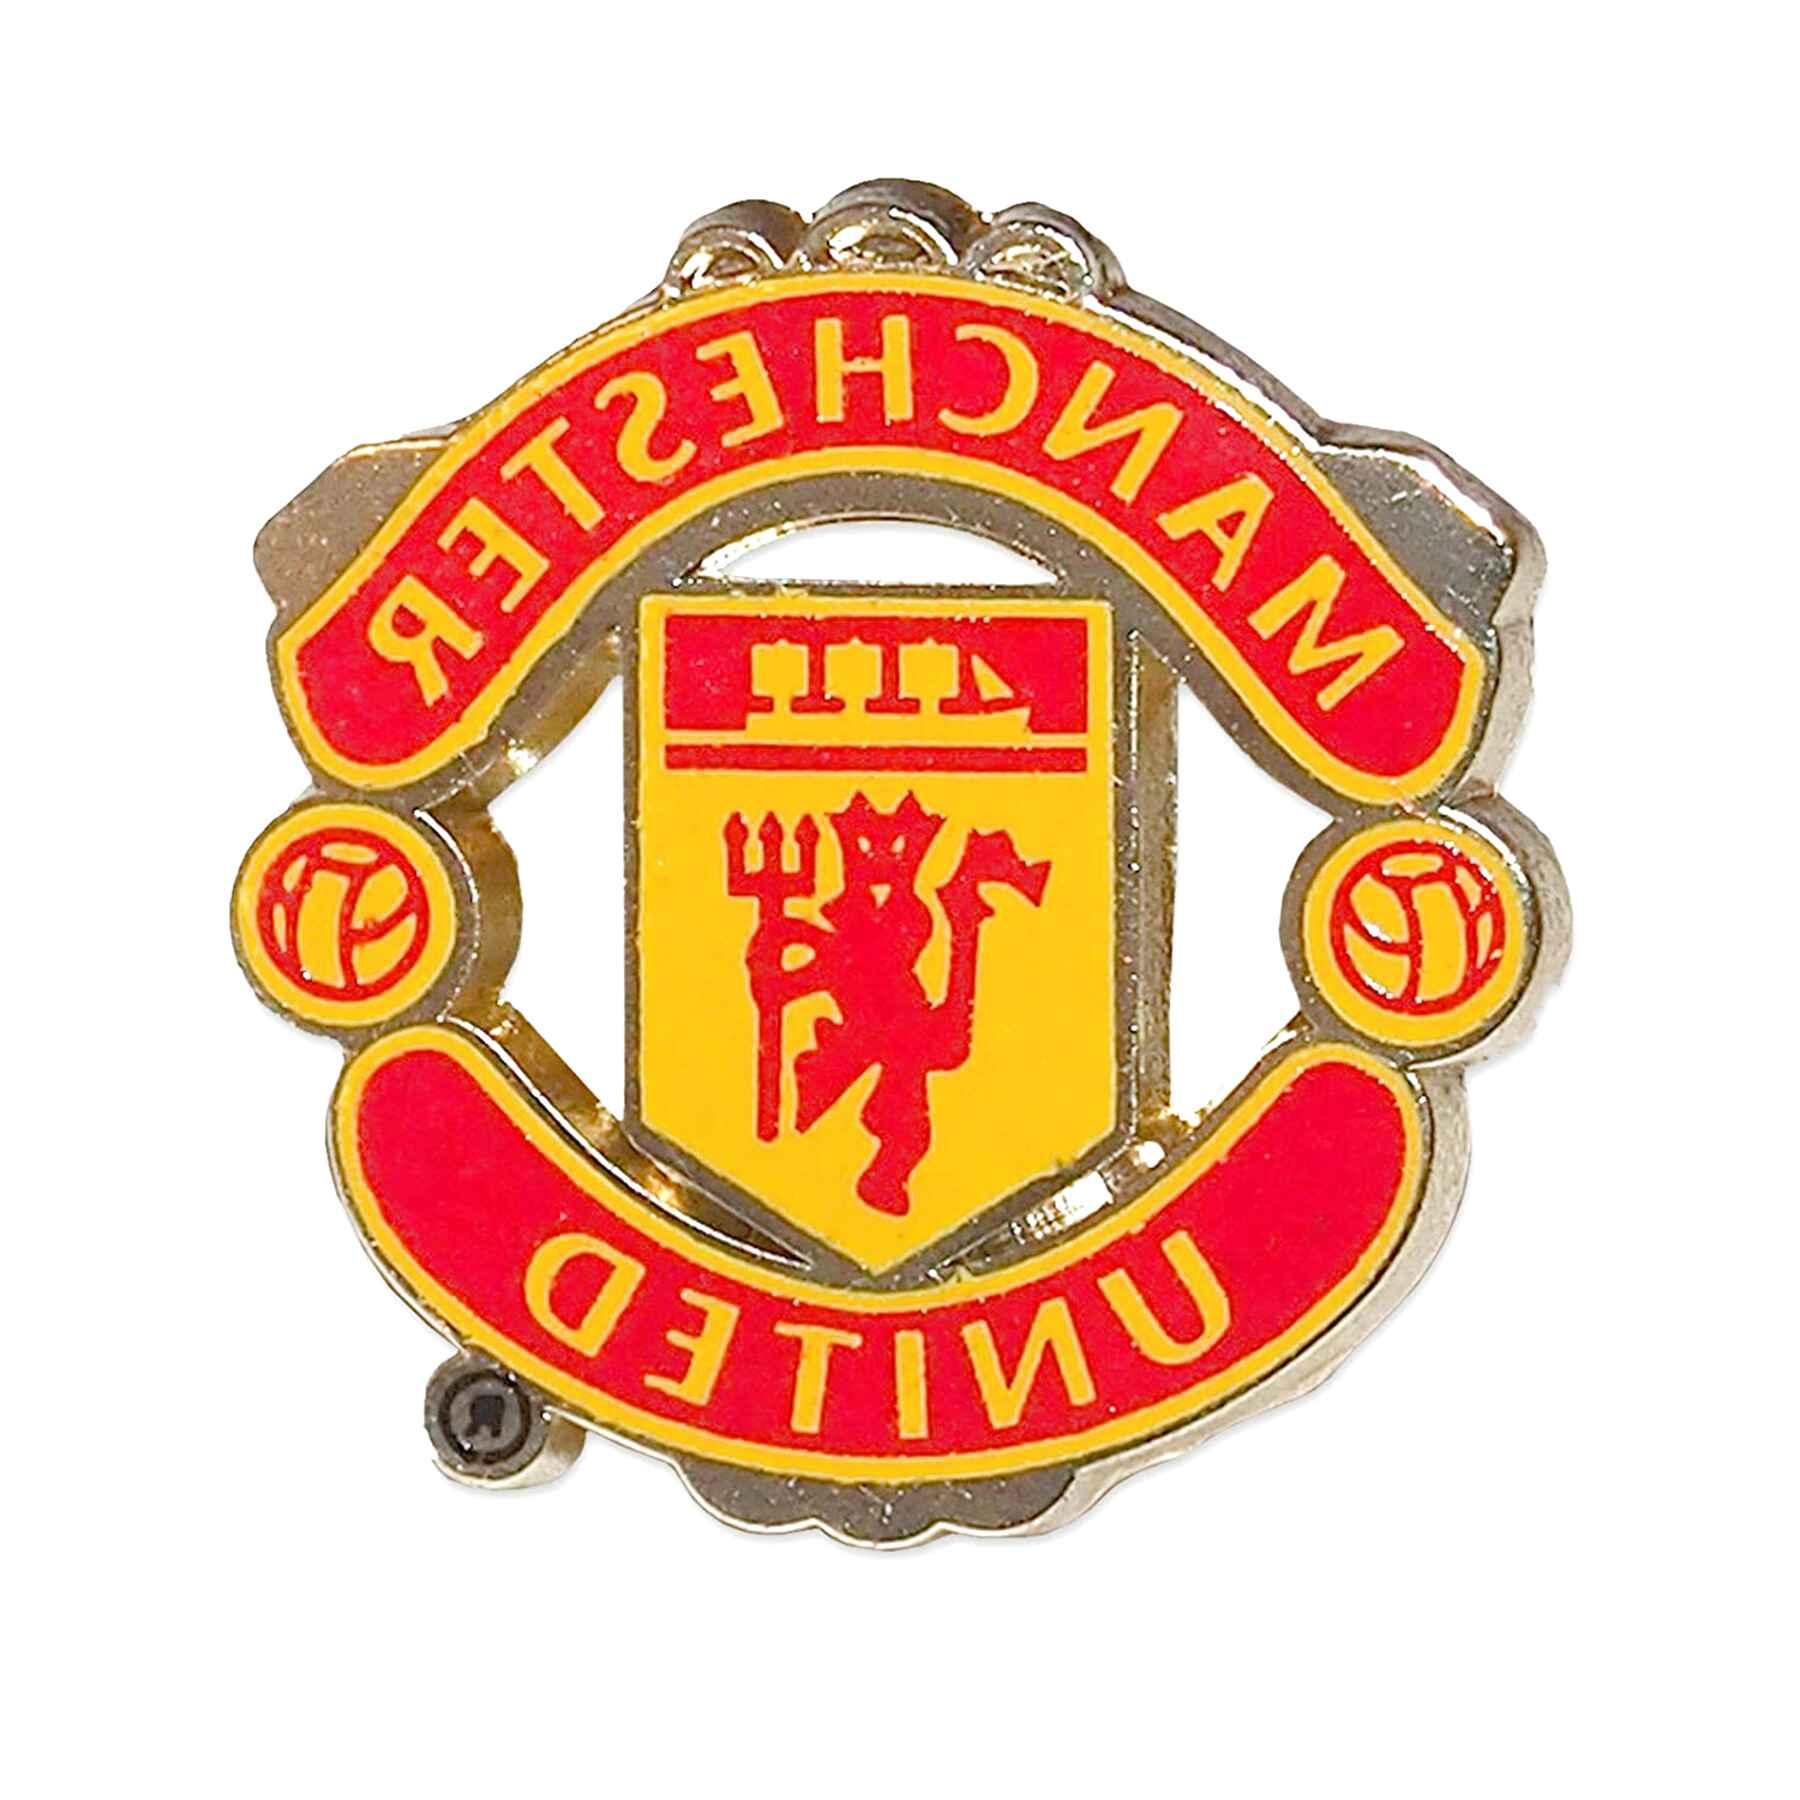 Manchester United Fc Official Crest Metal Badge Brand New Indarsrl Com Ar